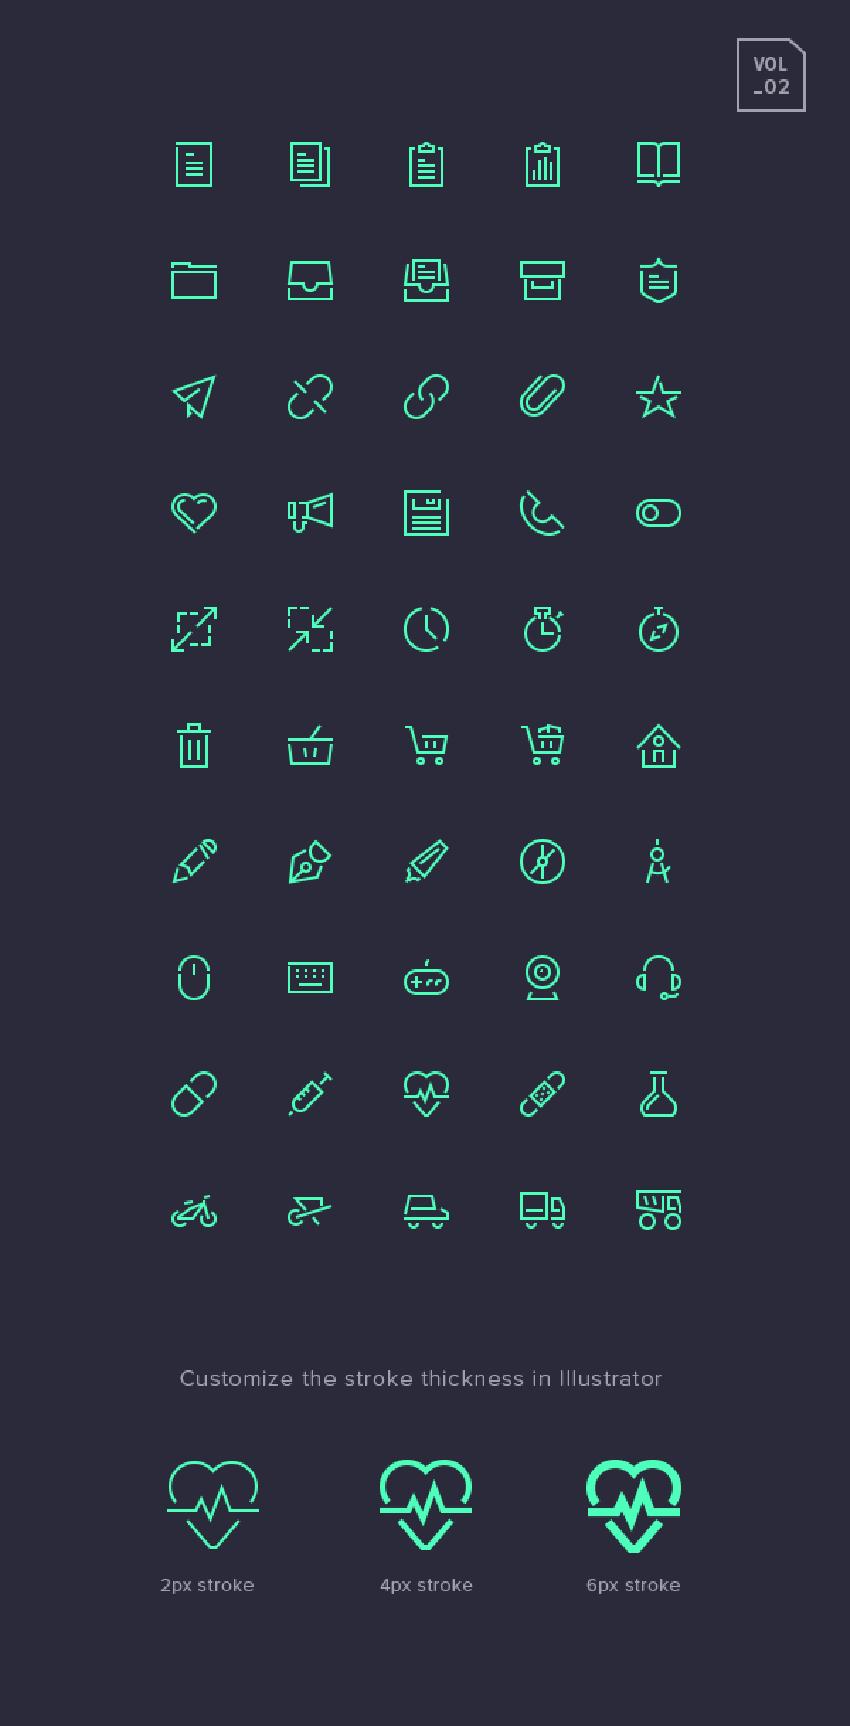 los-5-packs-diseno-iconos-03